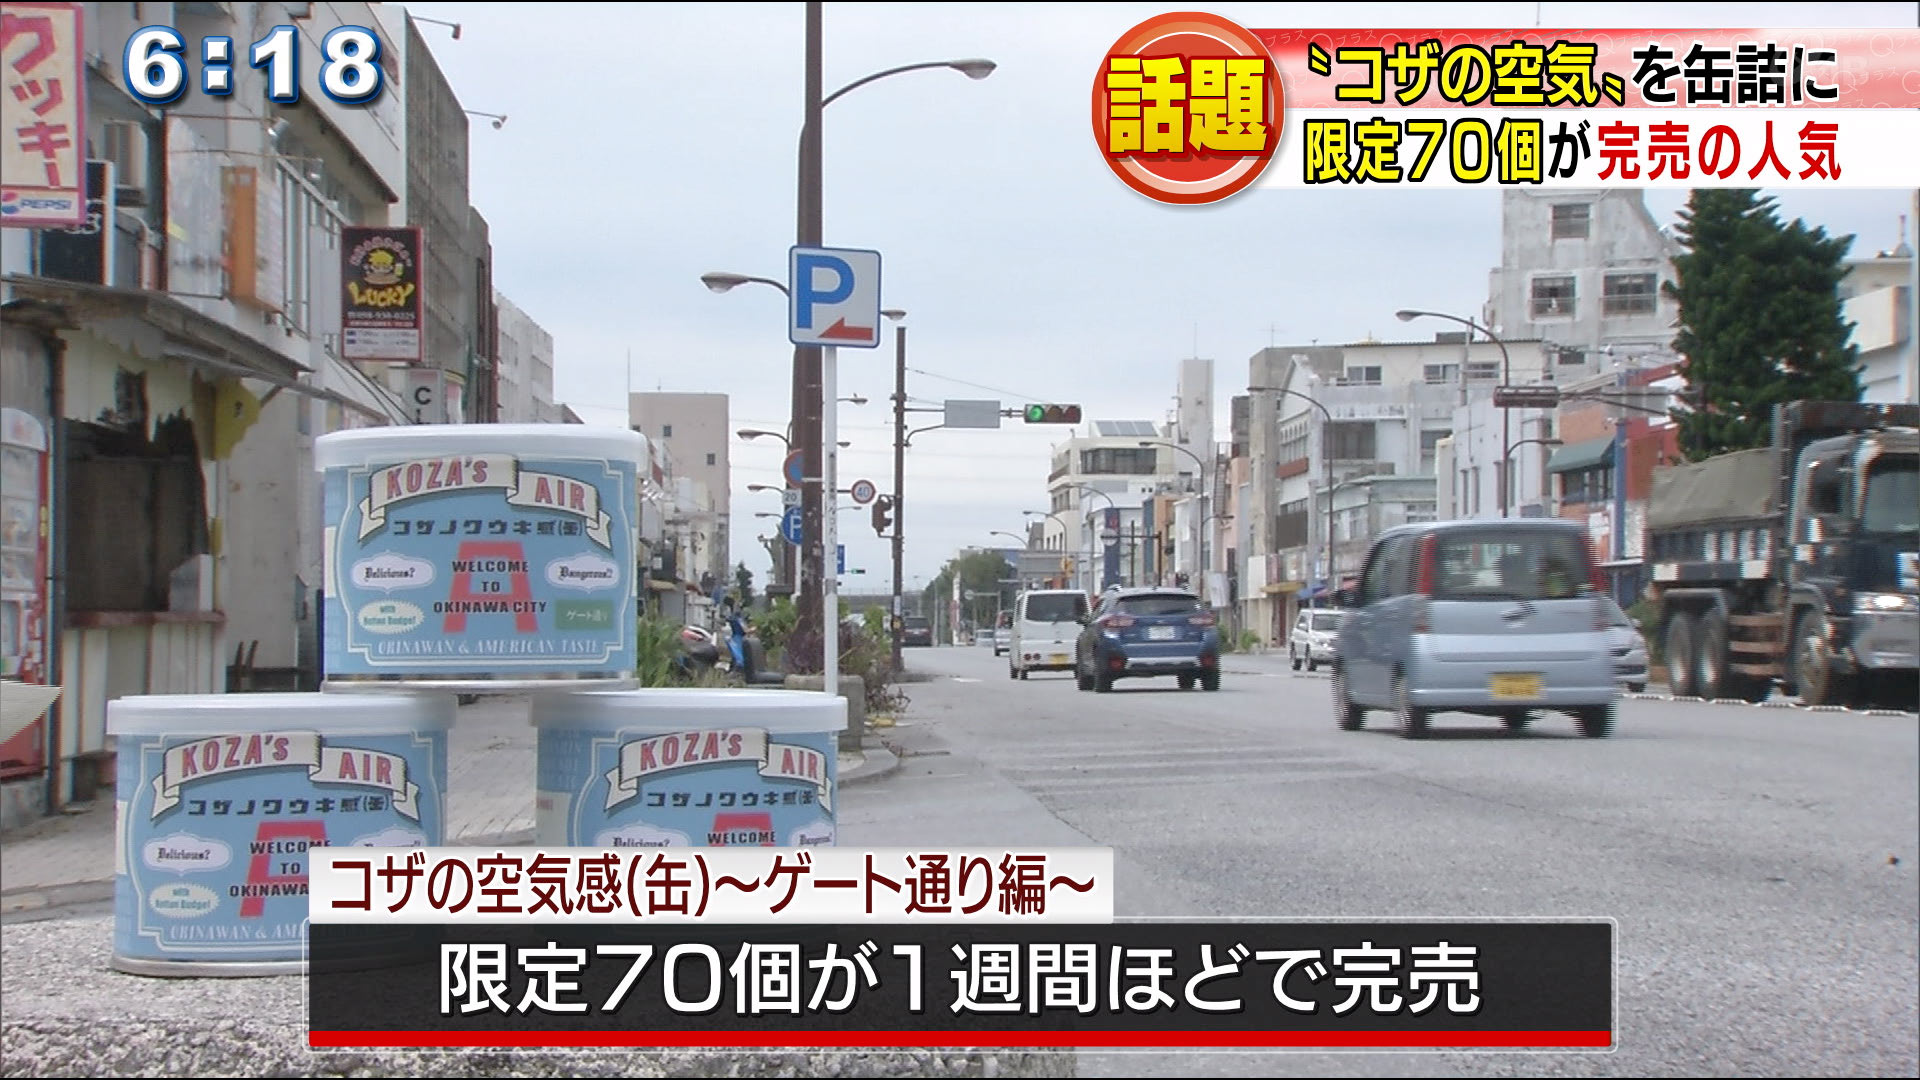 コザを感じて!沖縄市が空気缶を販売